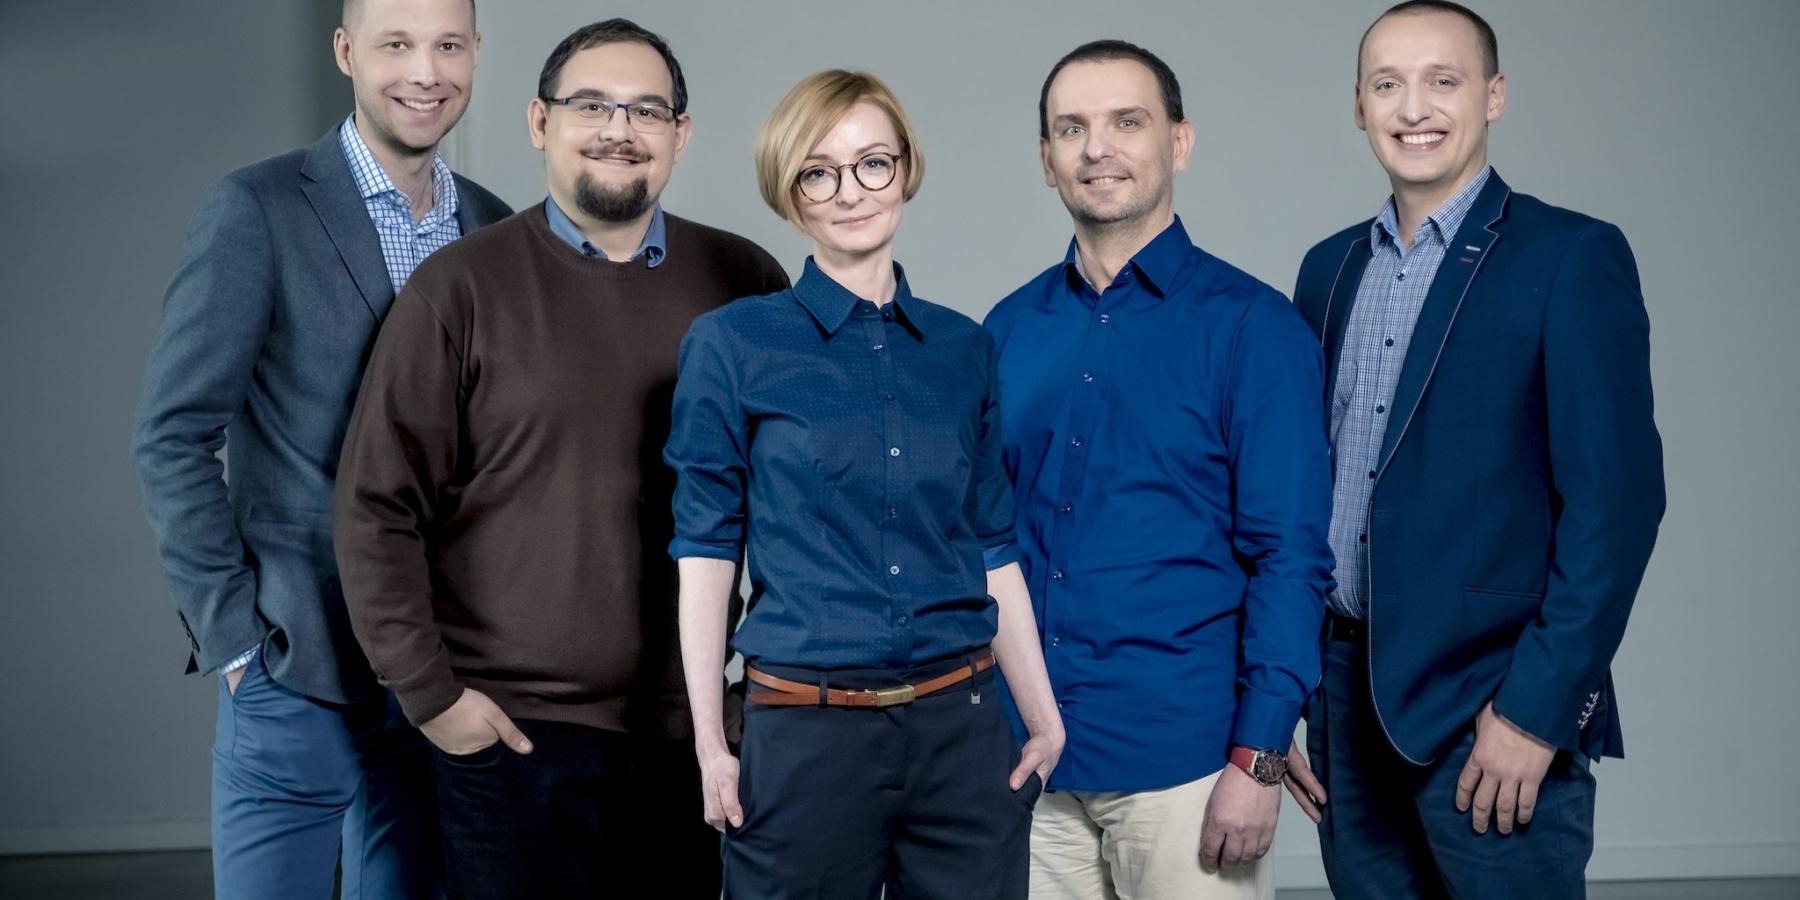 StethoMe pozyskuje kolejne miliony, choć rok temu 12,5 tys. euro zInfoShare uratowało firmę!